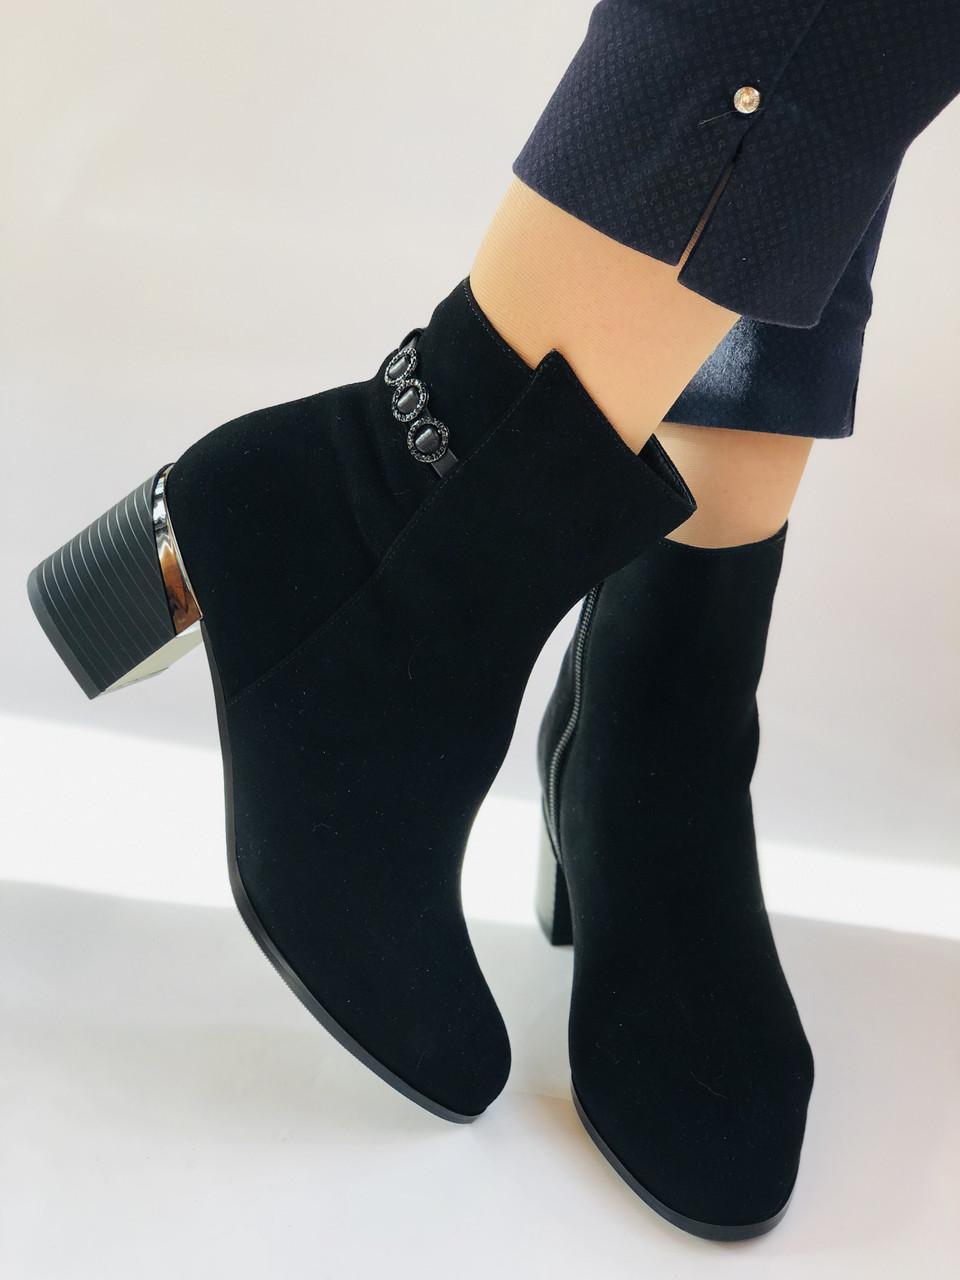 Жіночі черевики. На середньому каблуці. Натуральний замш.Висока якість. Erisses. Р. 35.37.38.39.40.Vellena